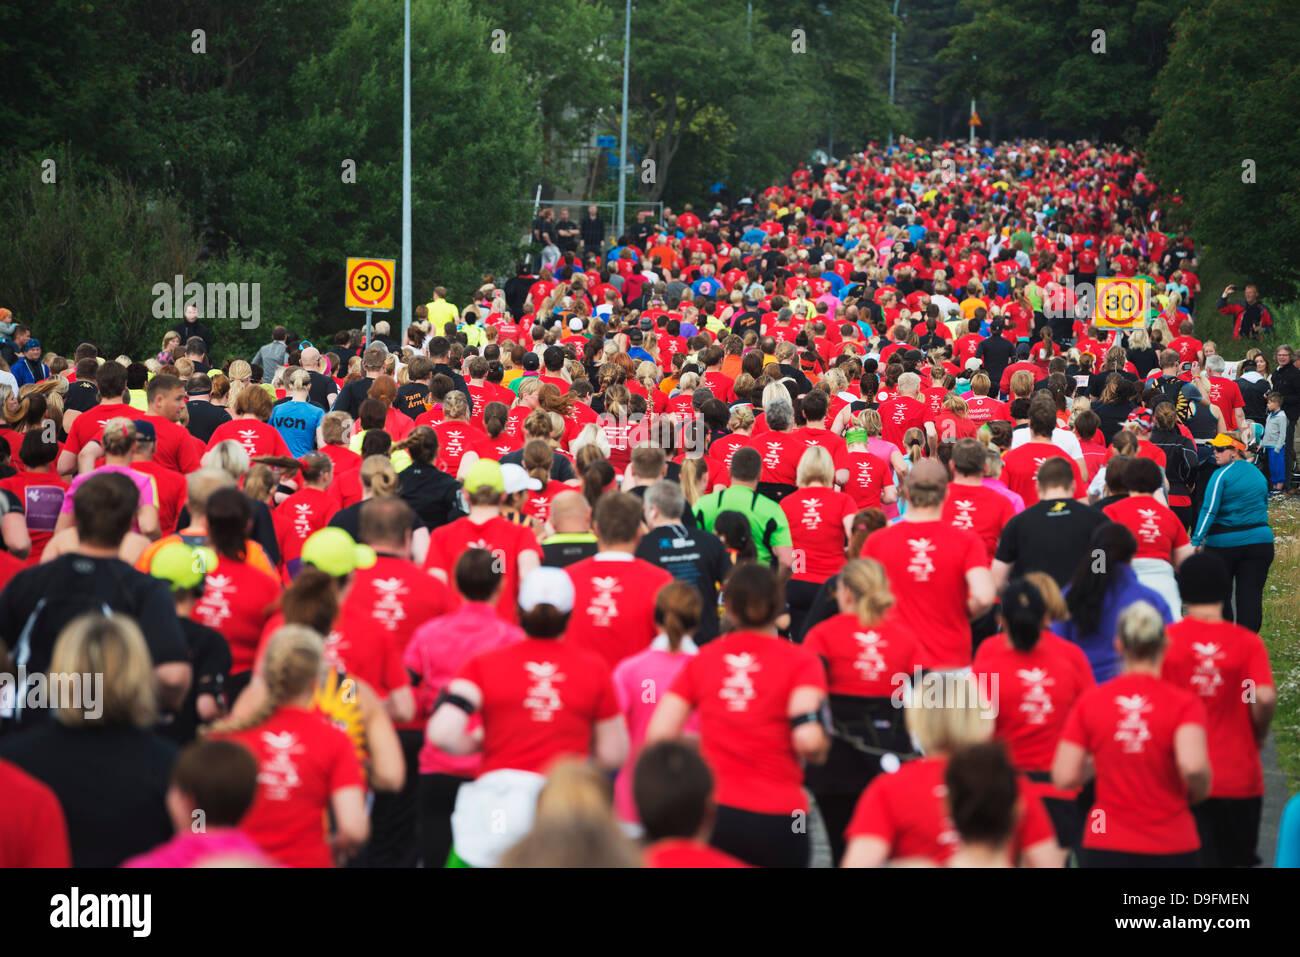 Reykjavik Marathon 2012, Reykjavik, Iceland, Polar Regions - Stock Image